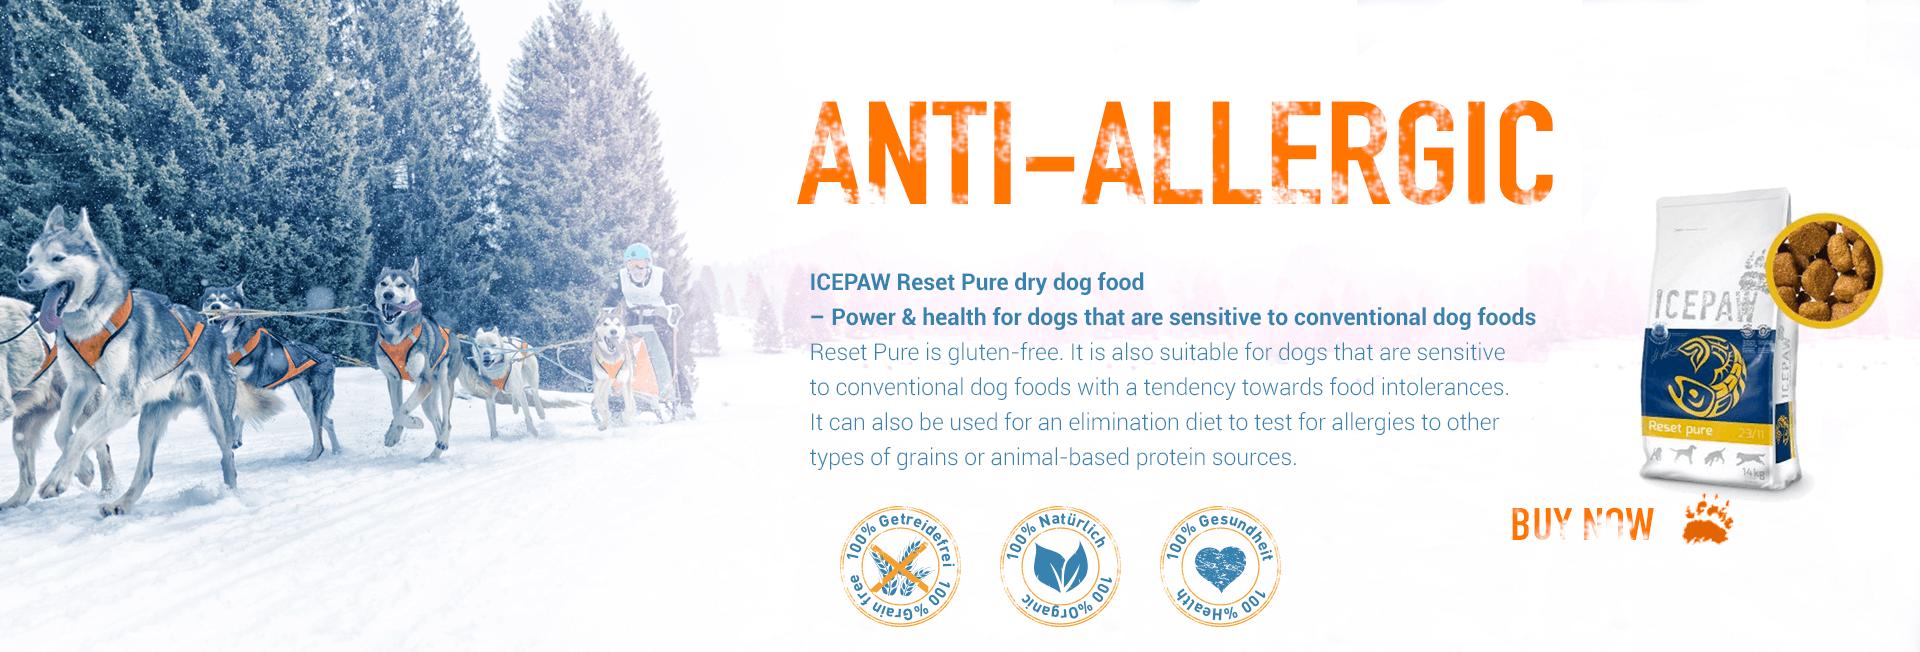 Anti-allergic